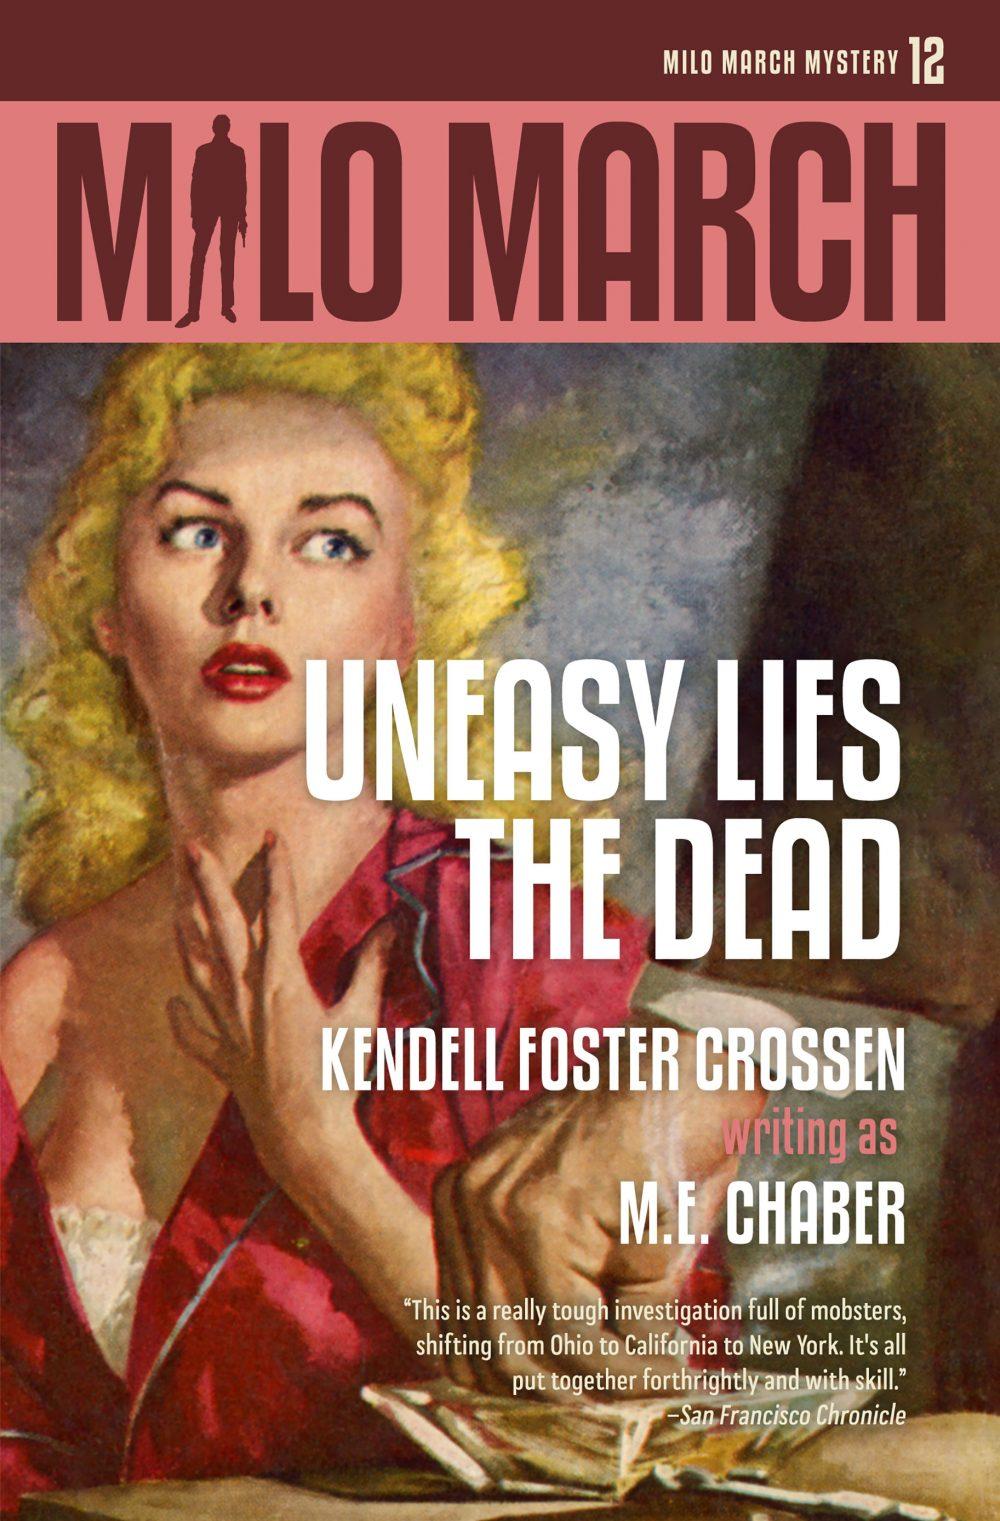 Milo March #12: Uneasy Lies the Dead